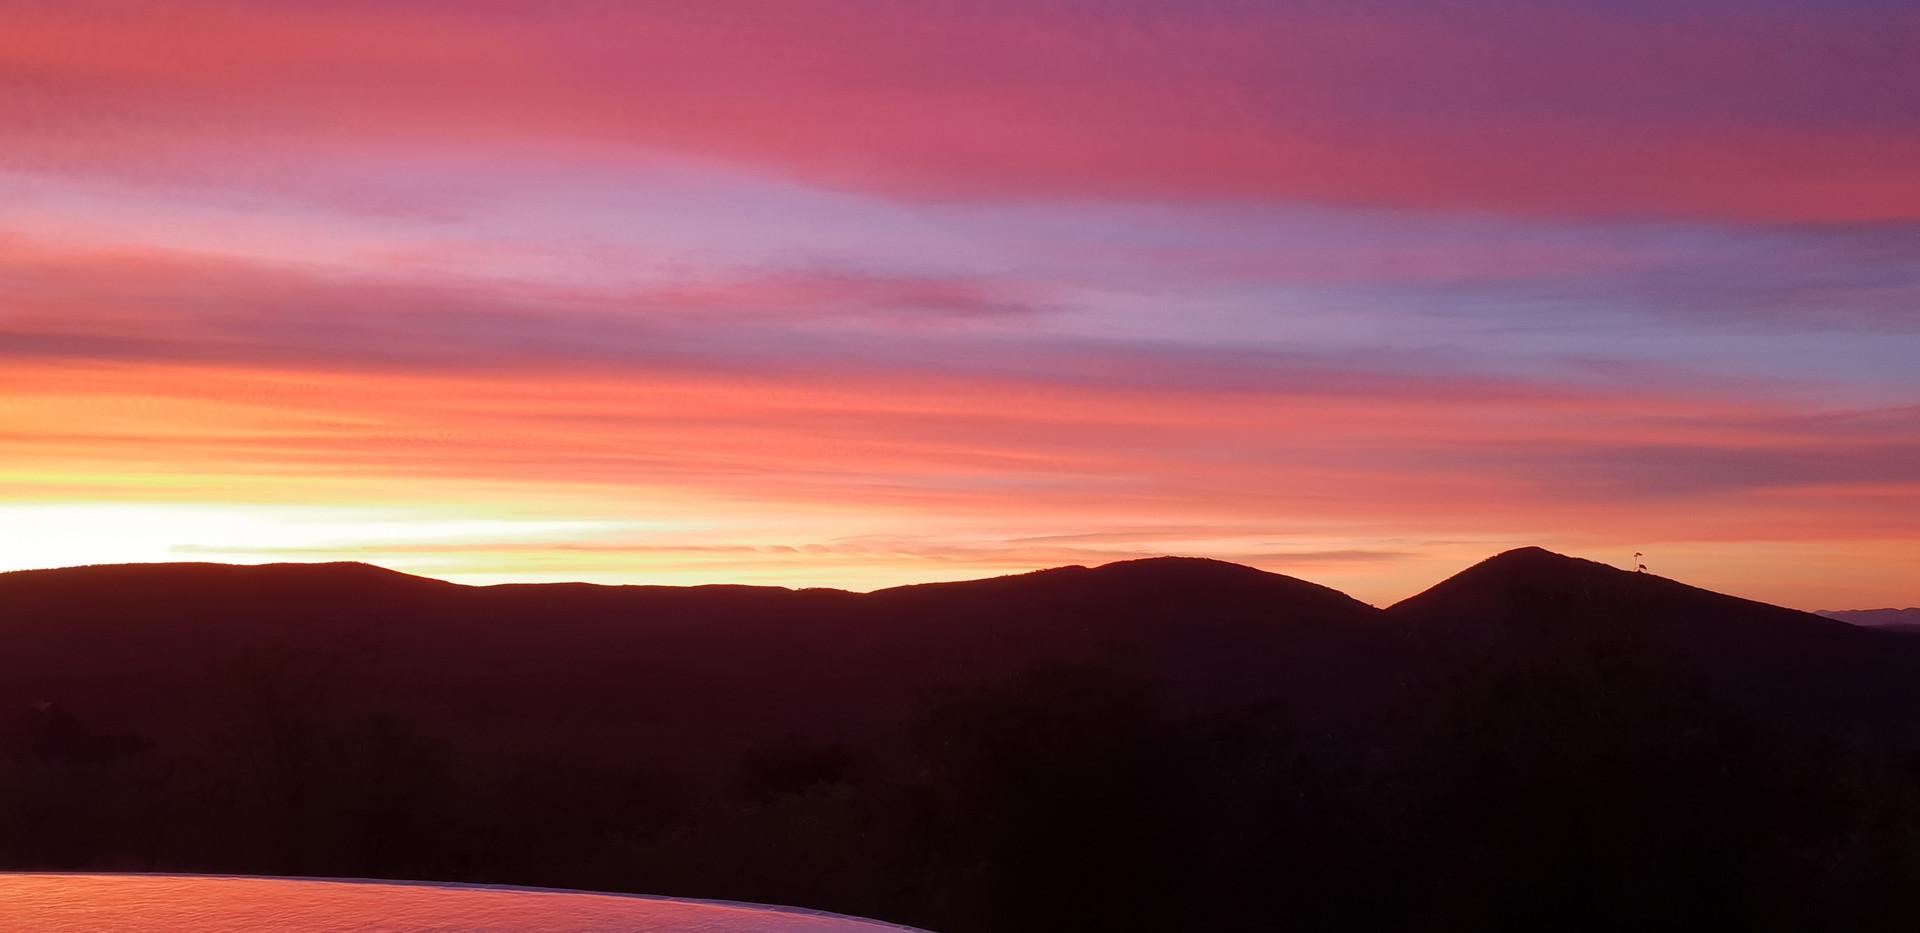 Sonnenuntergang1_beschriftet.jpg